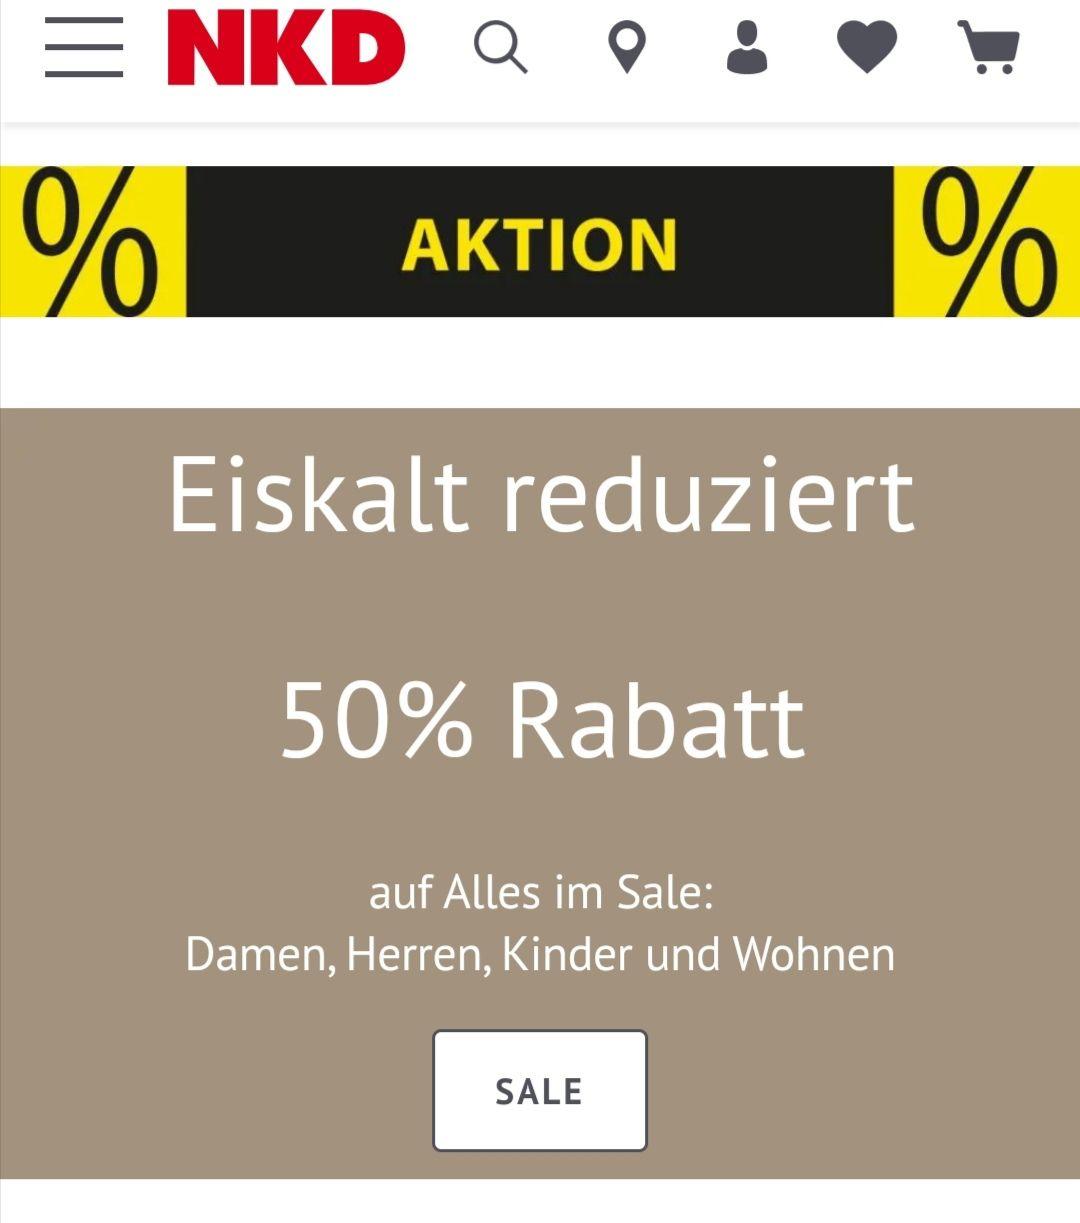 [NKD] - 50% auf Sale Artikel Online & Offline